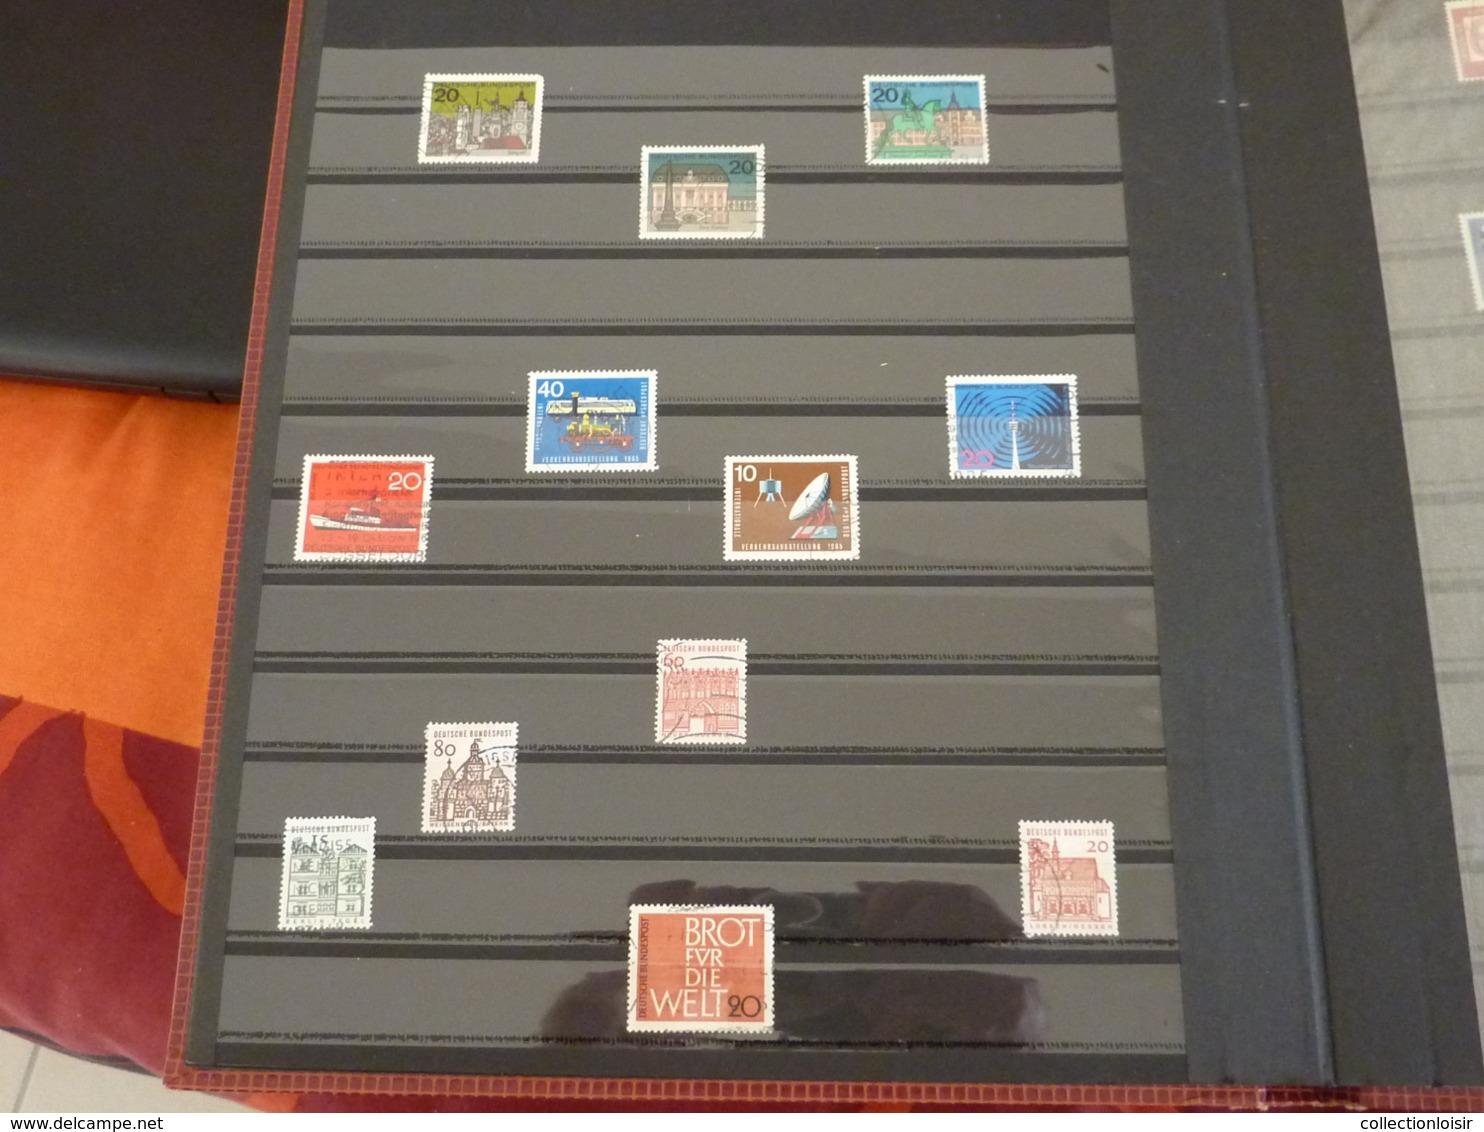 ALBUM CONTENANT 310 TIMBRES DE FRANCE ET DU MONDE ( 51 Photos ) - Briefmarken